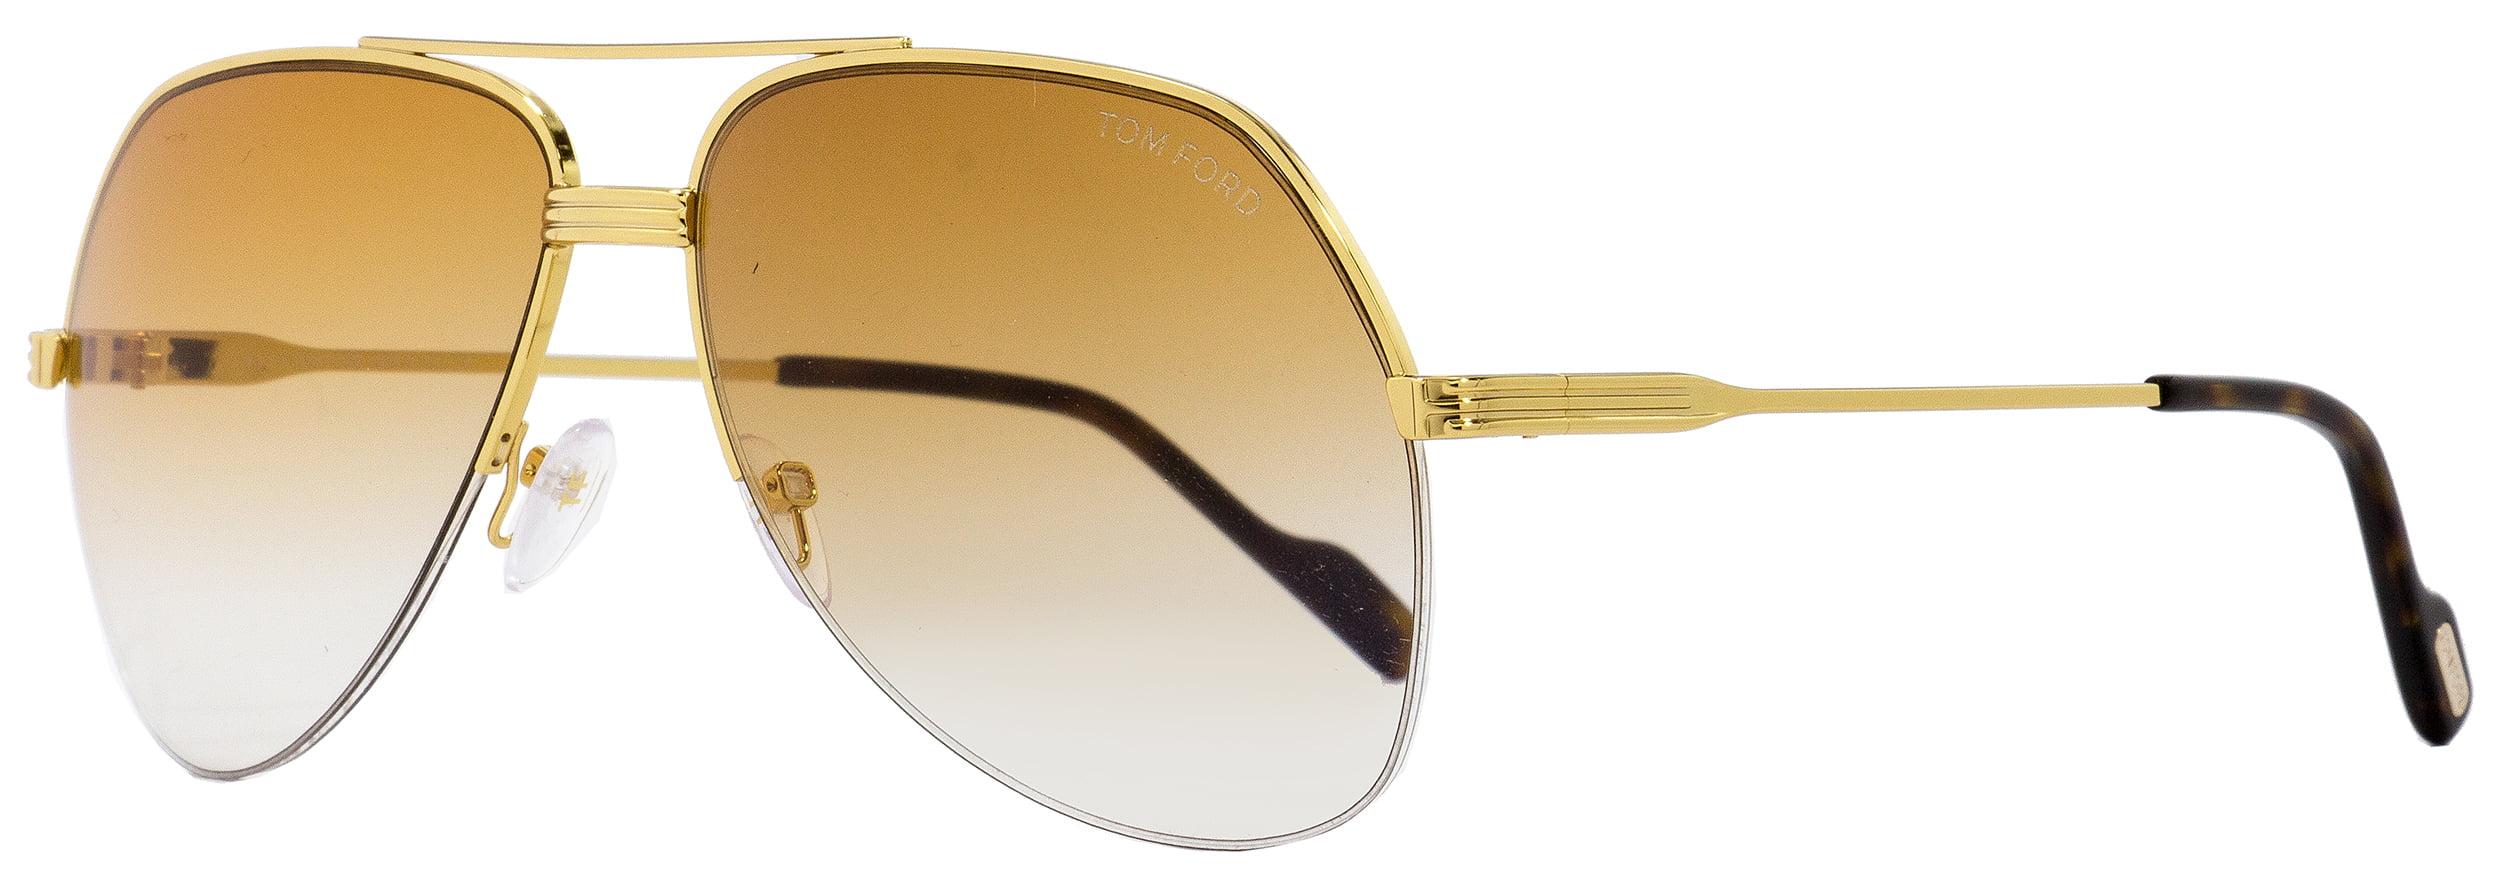 0503f7f6062 Tom Ford - Tom Ford Aviator Sunglasses TF644 Wilder-02 32F Gold Havana 62mm  FT0644 - Walmart.com